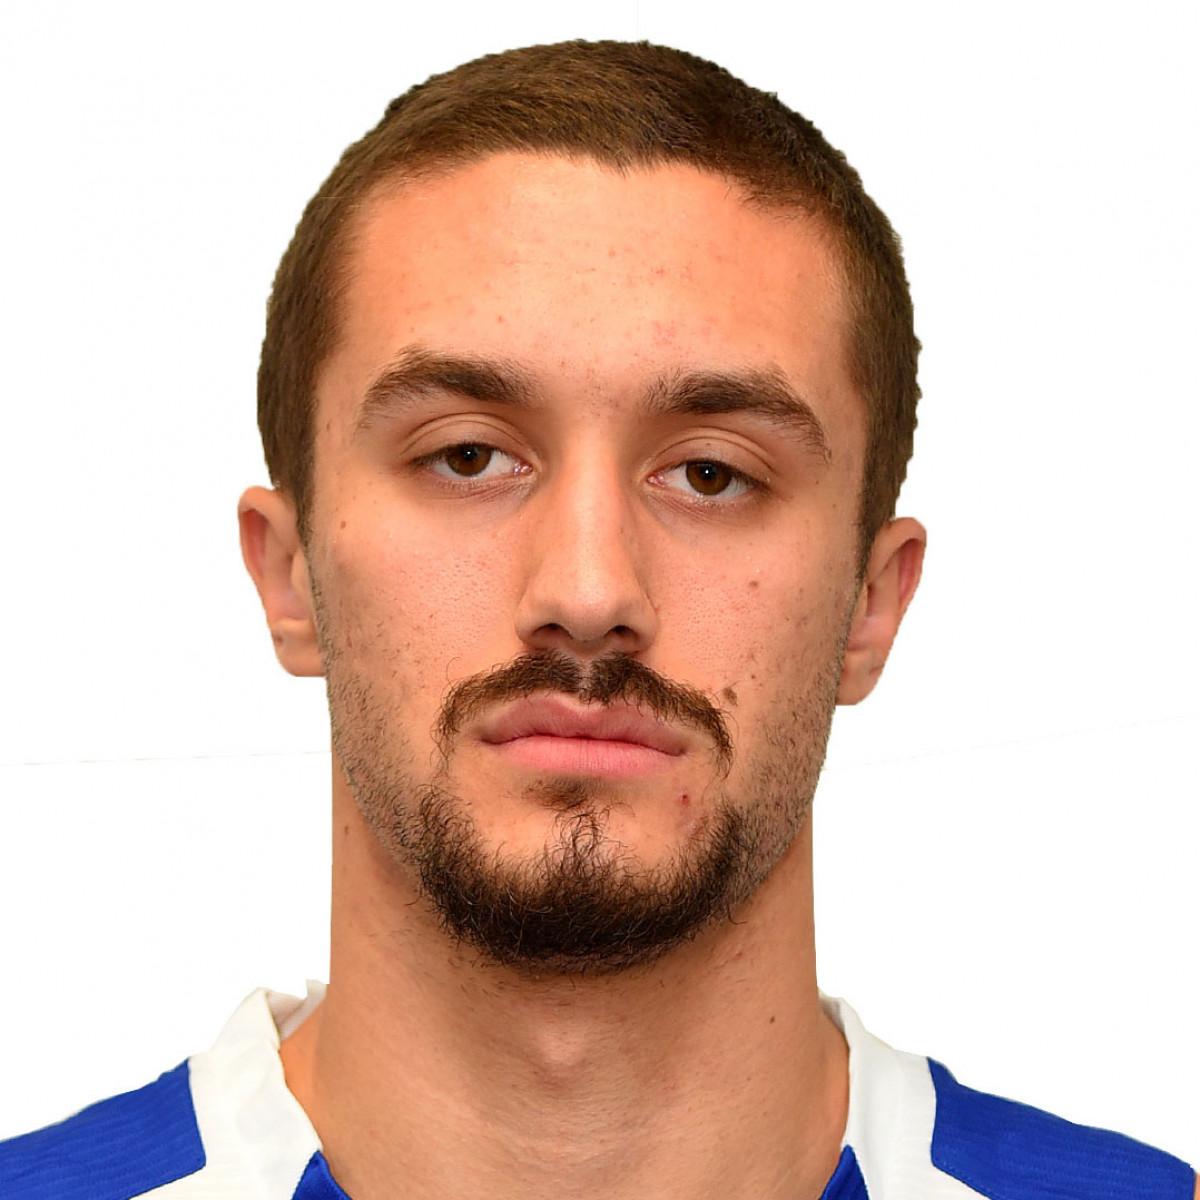 Igor Drobnjak